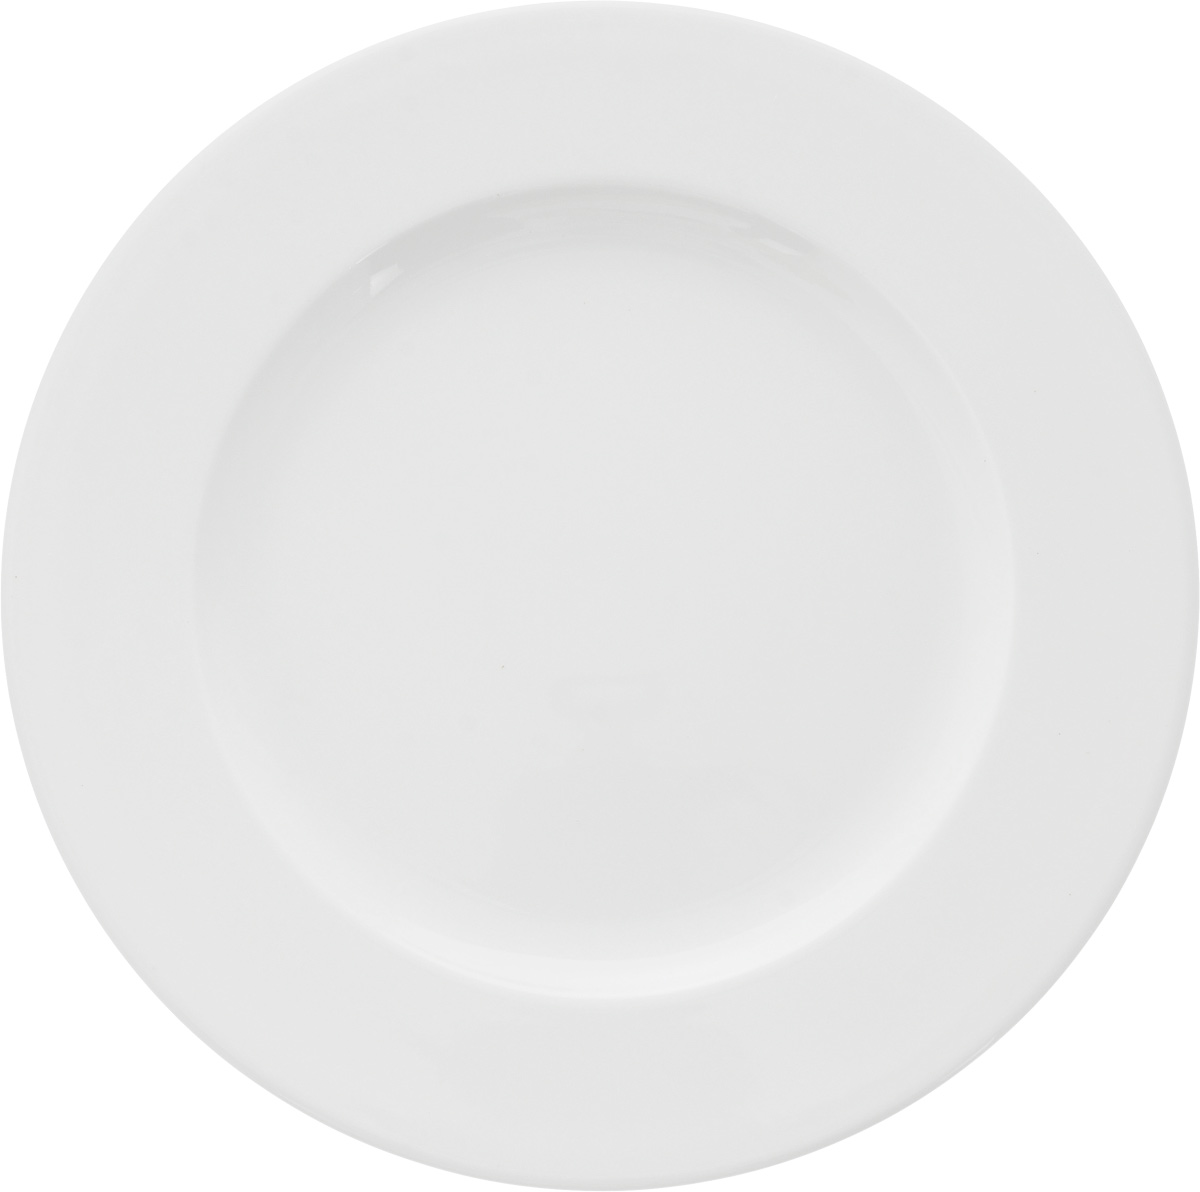 Тарелка мелкая Ariane Прайм, диаметр 27 см. APRARN11027APRARN11027Мелкая тарелка Ariane Прайм, изготовленная из высококачественного фарфора, имеет классическую круглую форму. Такая тарелка отлично подойдет в качестве блюда для сервировки закусок, нарезок, горячих блюд. Изделие прекрасно впишется в интерьер вашей кухни и станет достойным дополнением к кухонному инвентарю. Тарелка Ariane Прайм подчеркнет прекрасный вкус хозяйки и станет отличным подарком.Можно мыть в посудомоечной машине и использовать в микроволновой печи. Высота тарелки: 2 см.Диаметр тарелки: 27 см.